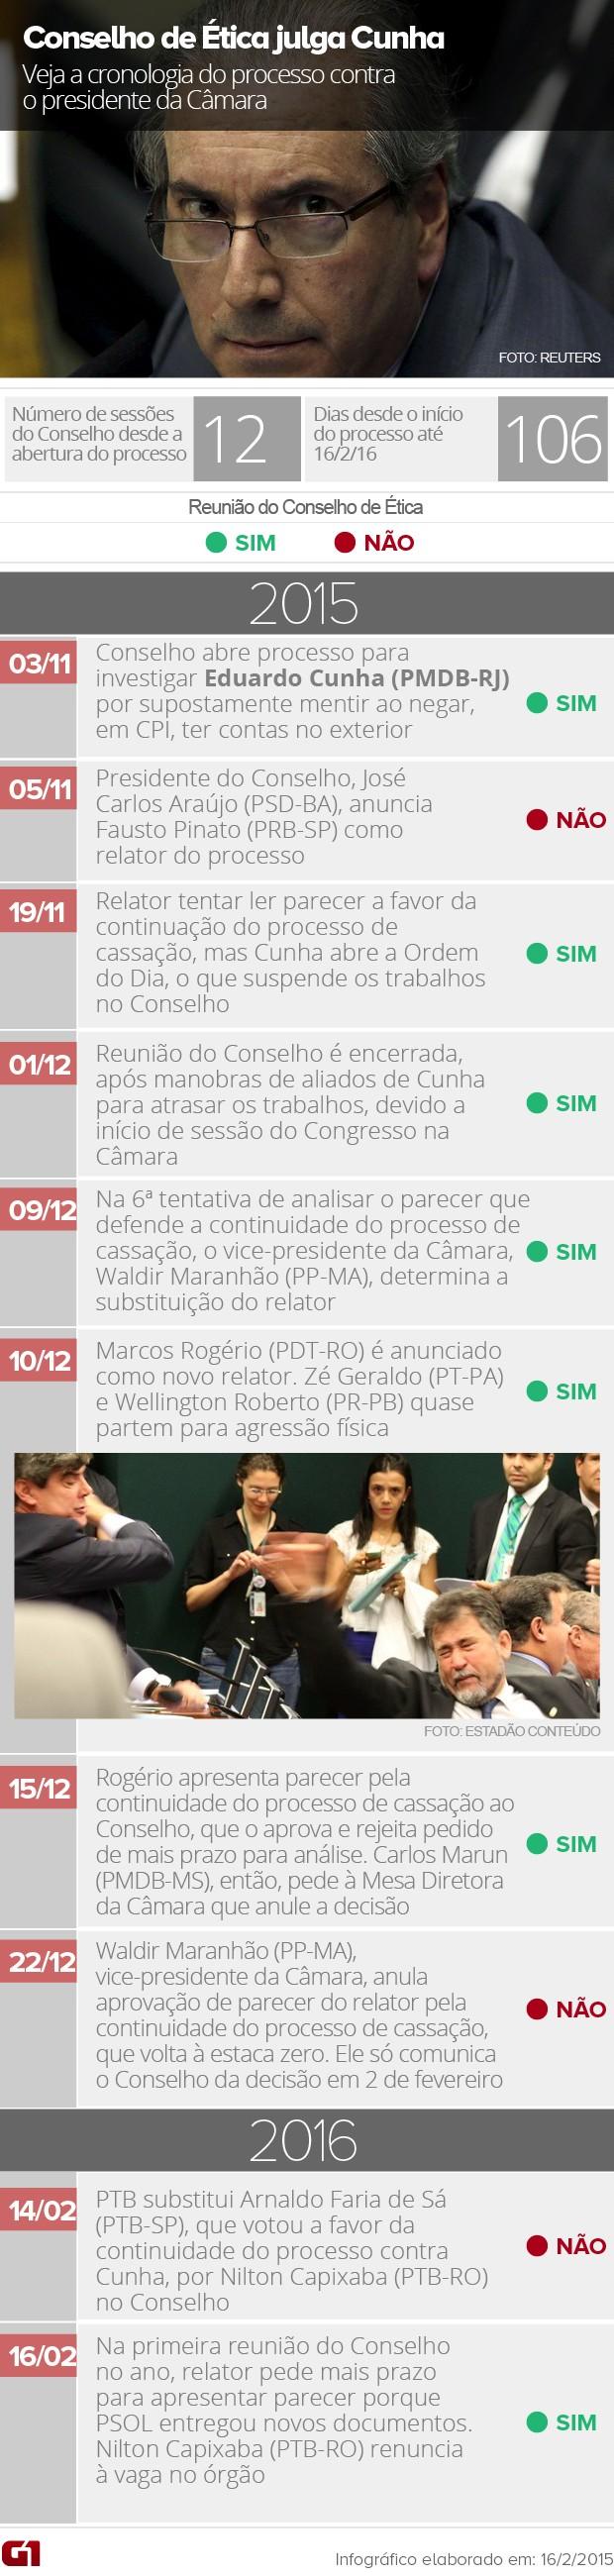 Conselho de Ética / Eduardo Cunha (Foto: Editoria de Arte / G1)